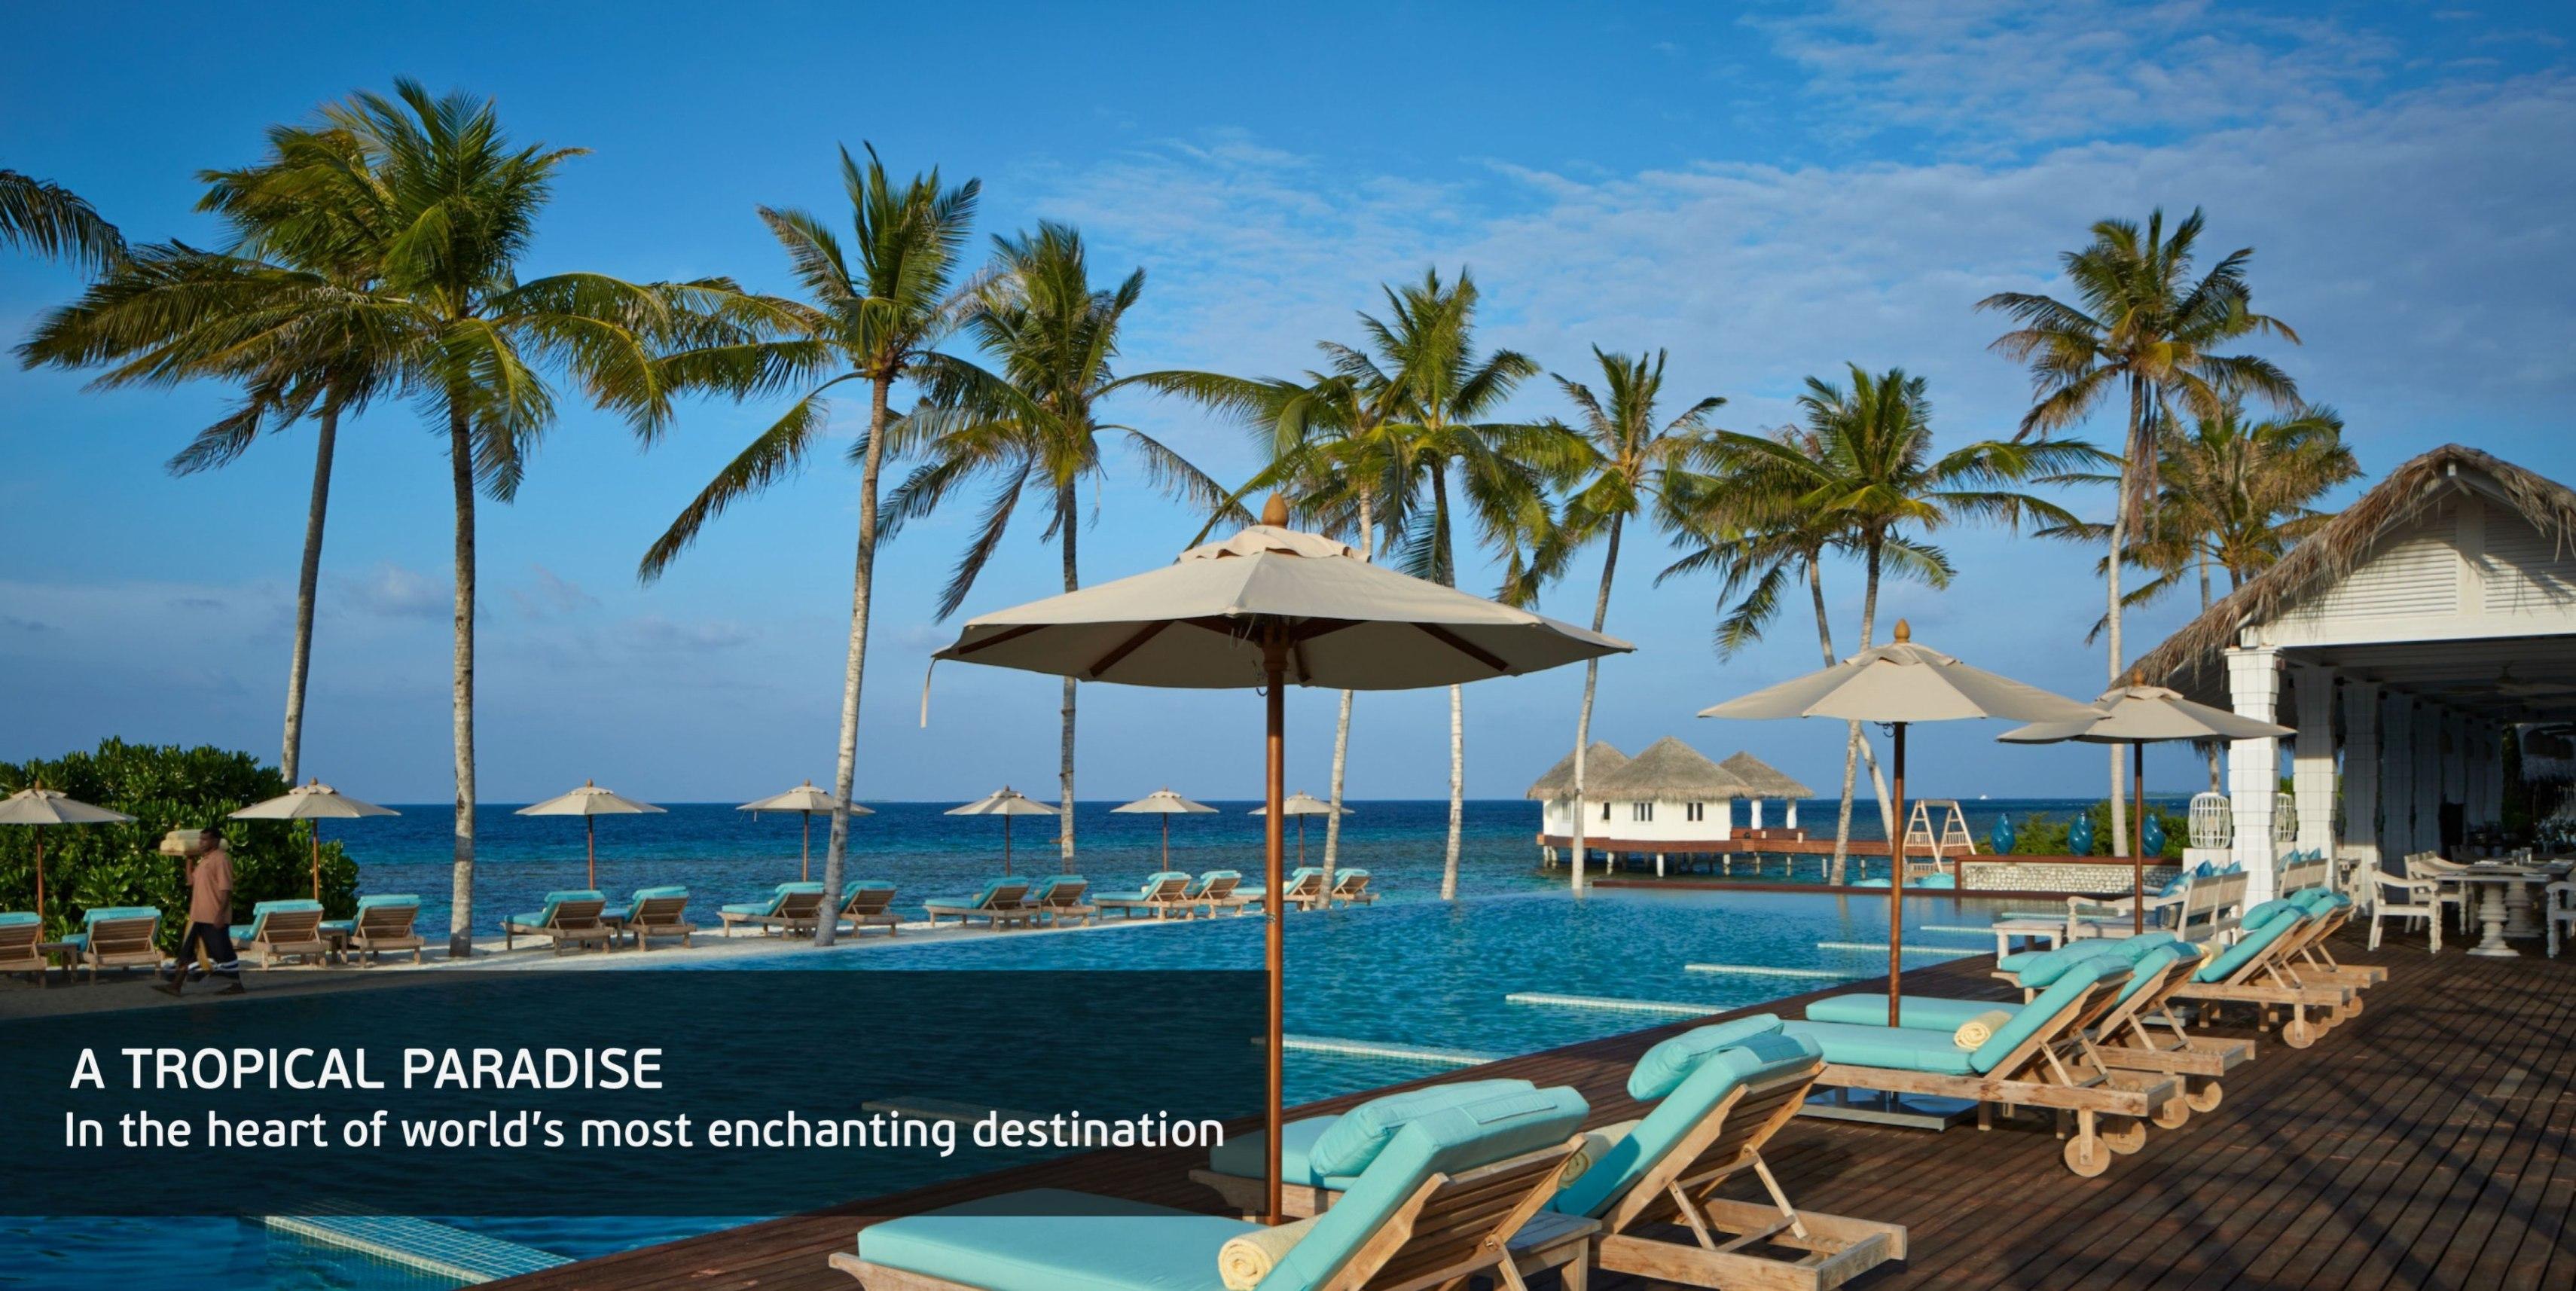 馬爾代夫圖片,馬爾代夫旅游圖片,洛馬酒店,Loama Maldives